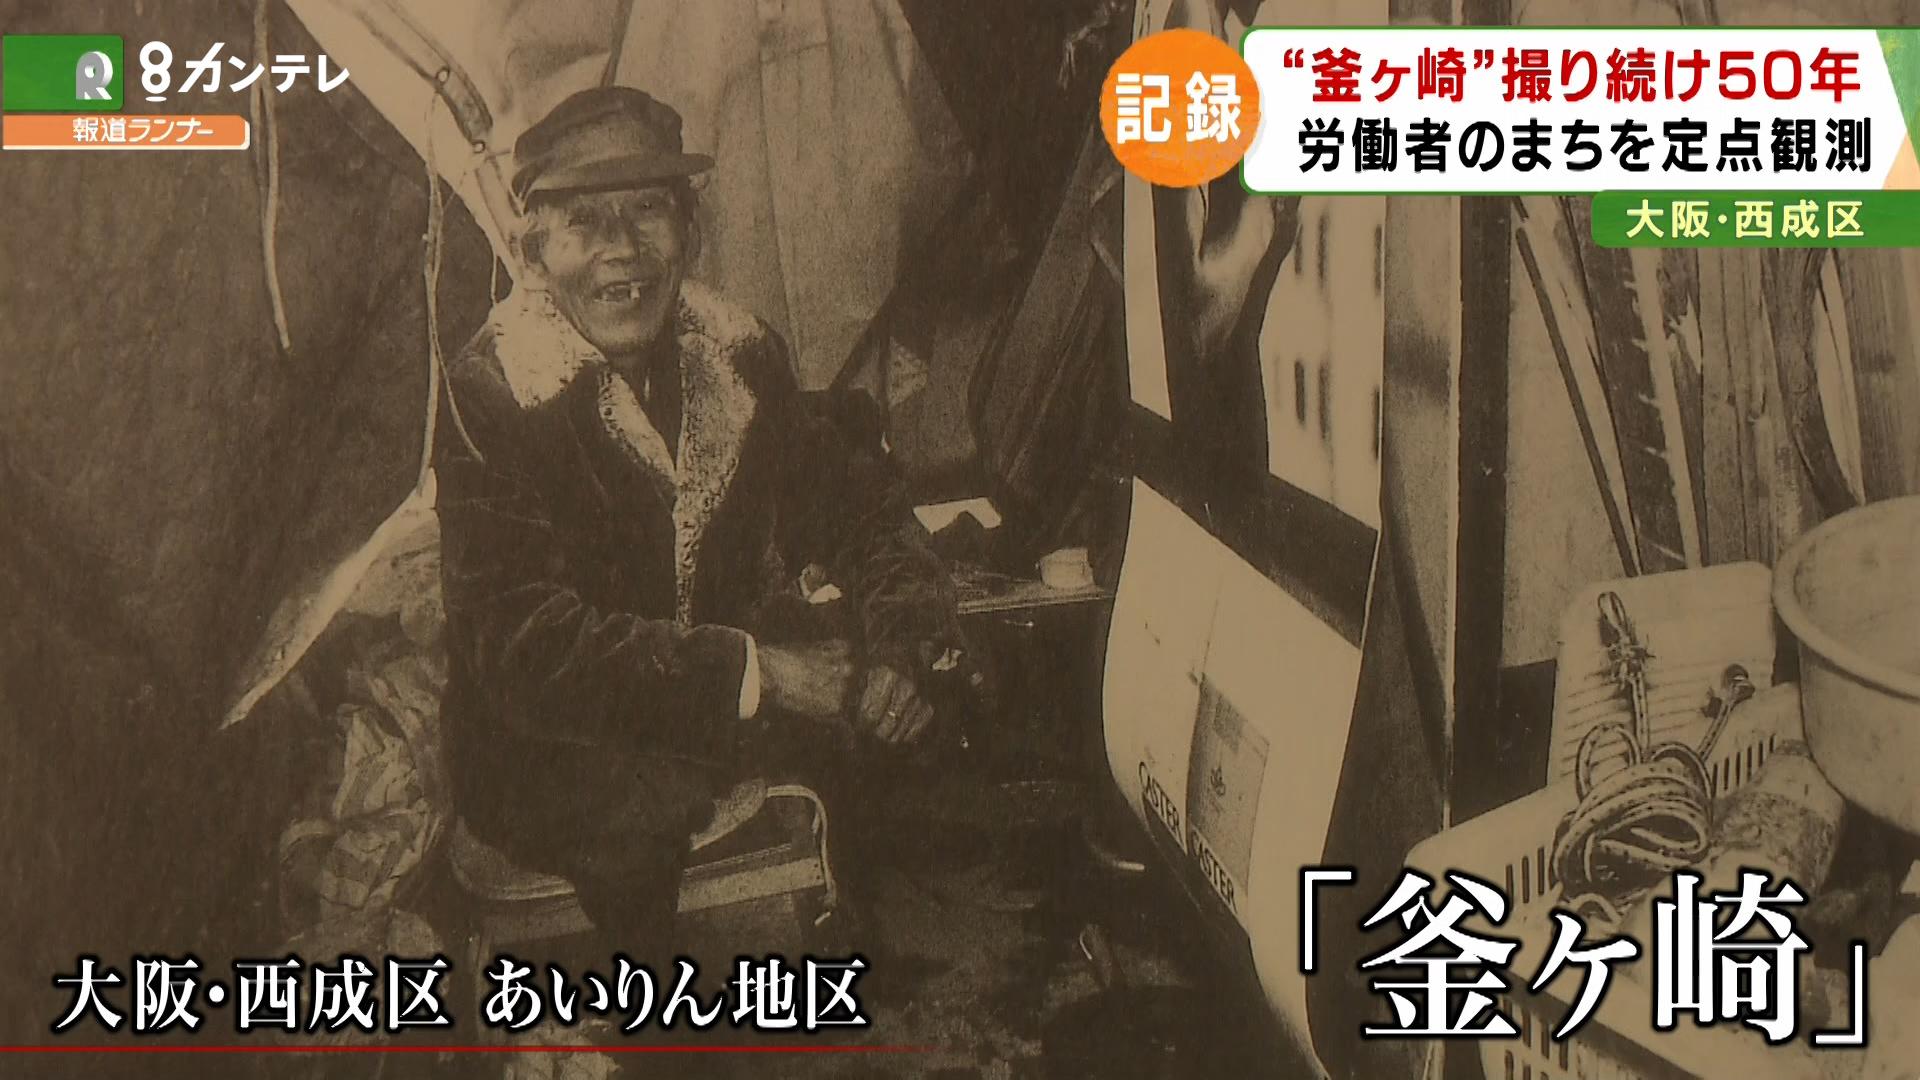 【特集】日雇い労働者、ドヤ街、バラック…「釜ヶ崎」を50年間撮り続けたカメラマン